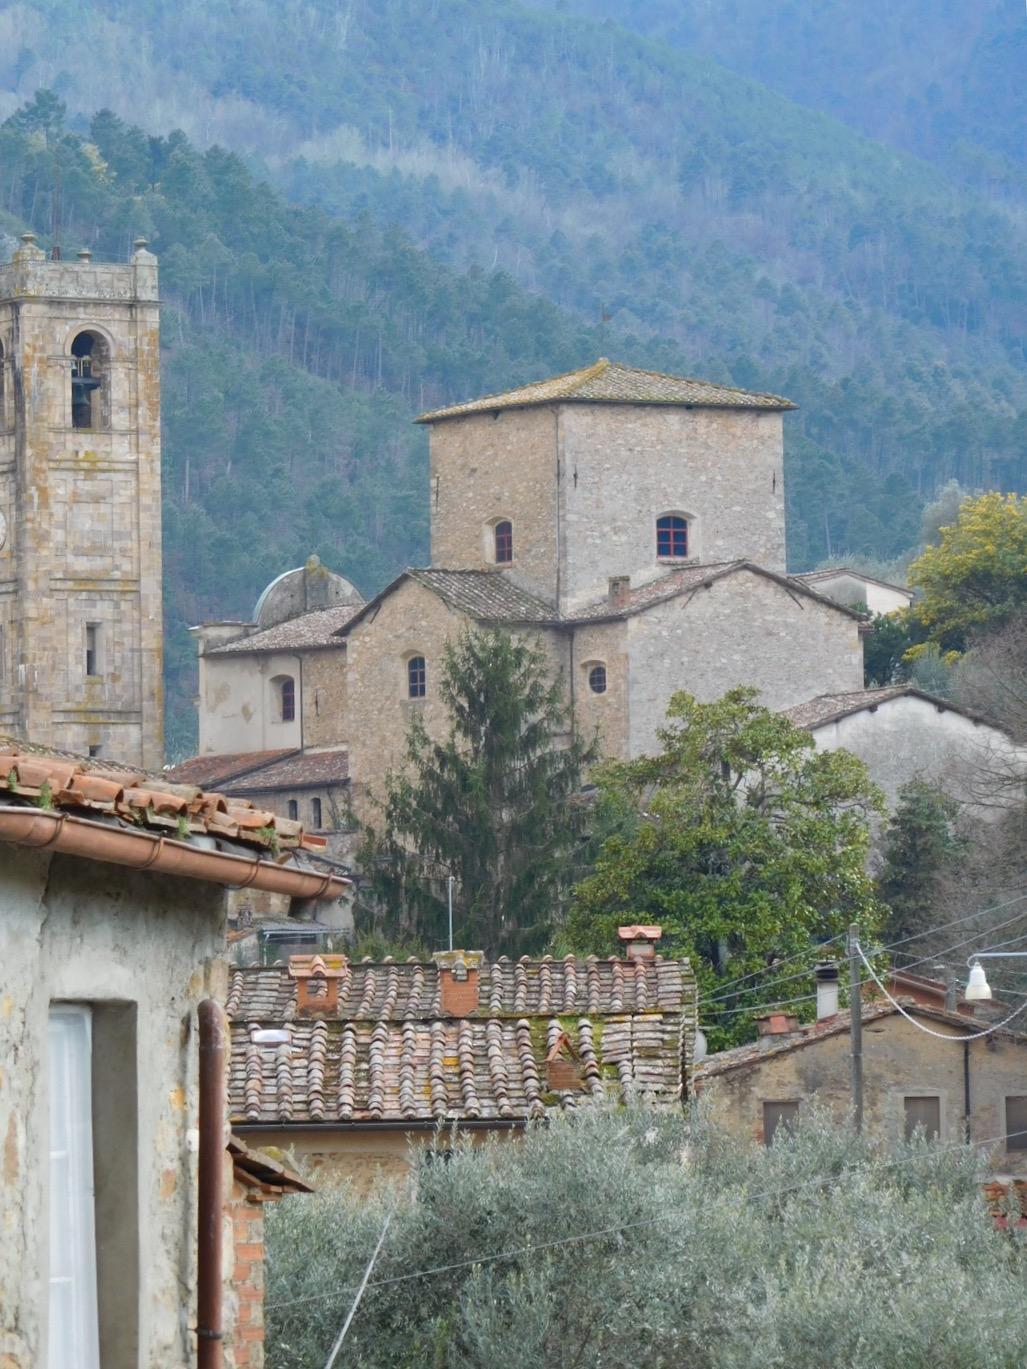 The beautiful  borgo  of Sant'Andrea di Compito